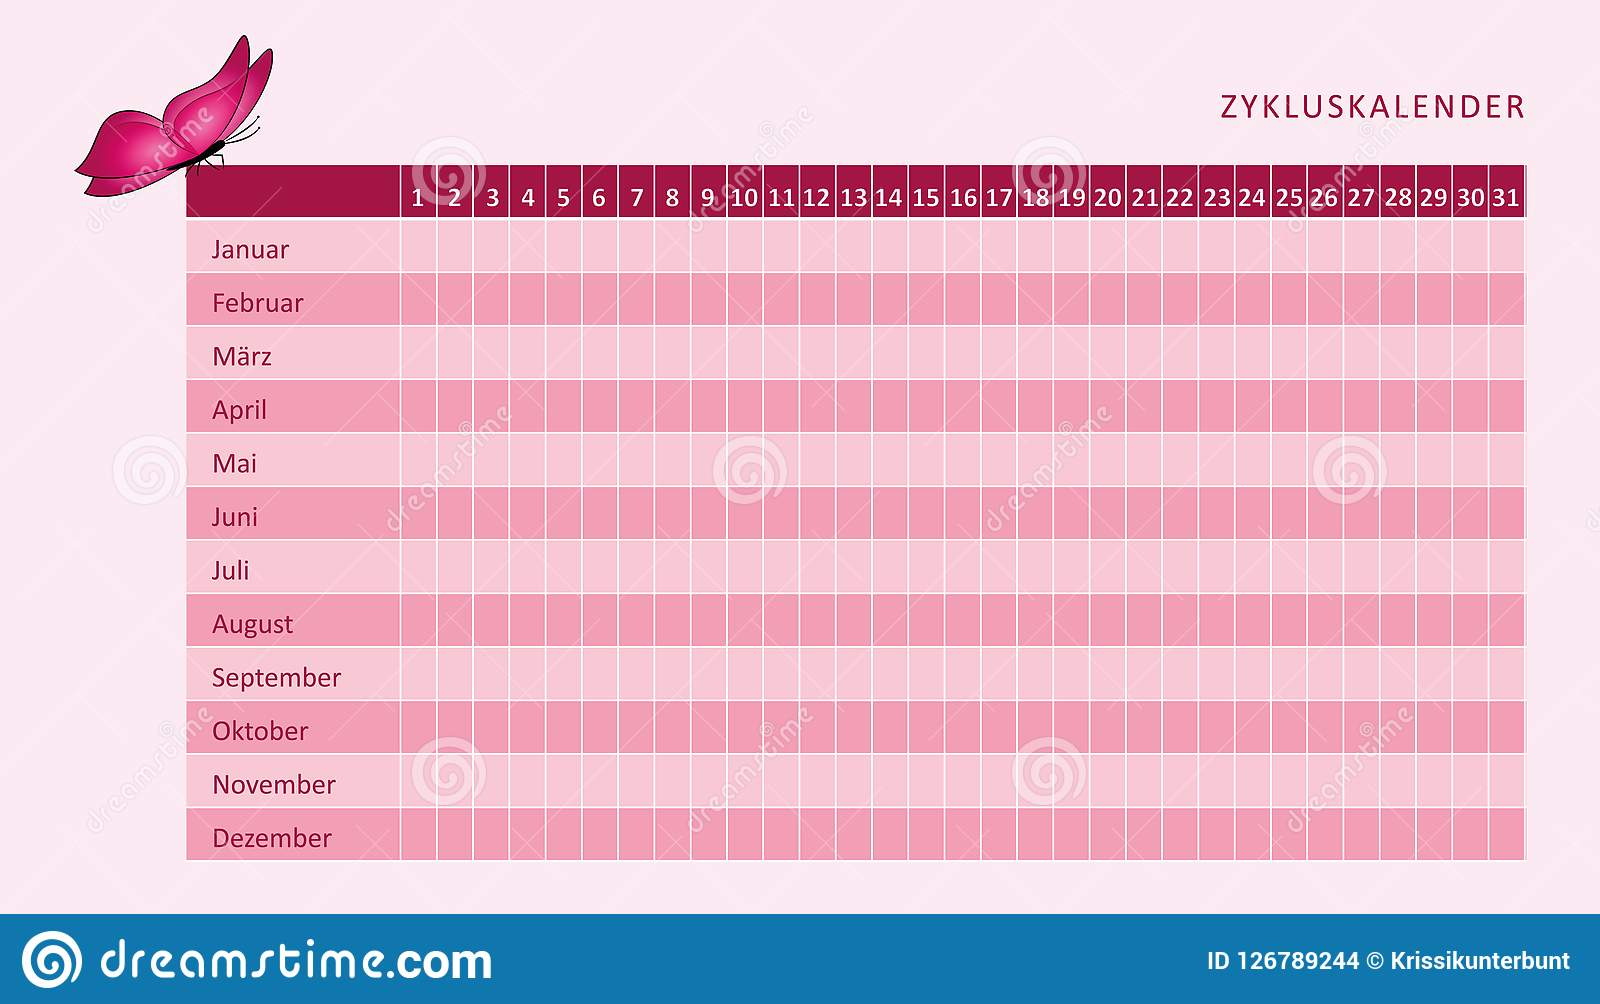 Calendario Del Ciclo Mestruale.Calendario Mensile Di Mestruazione Del Ciclo Mestruale Con